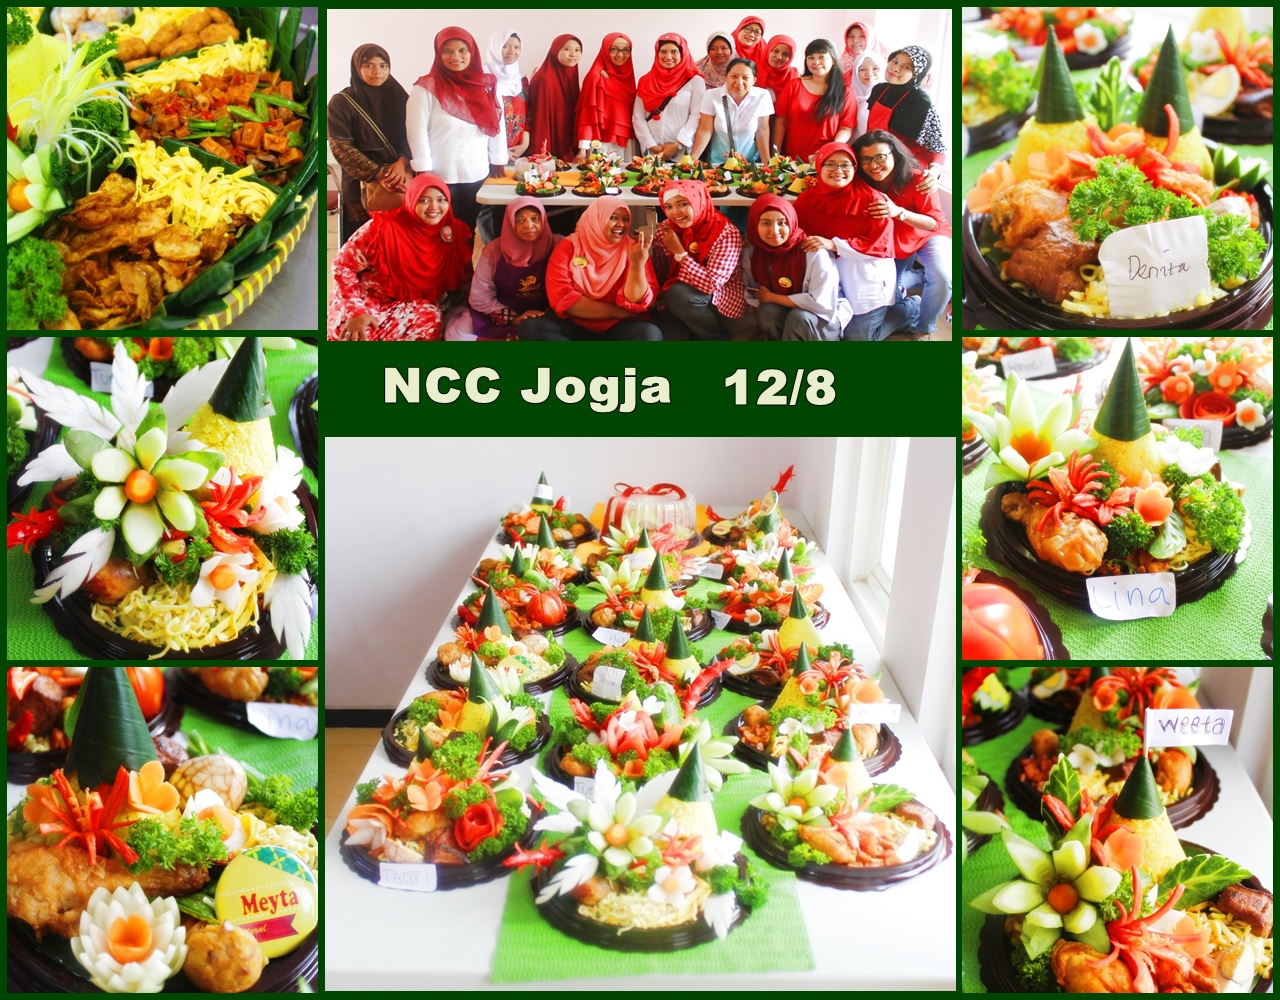 NCC Jogjakarta Latbar Ukir Sayur(12/8)